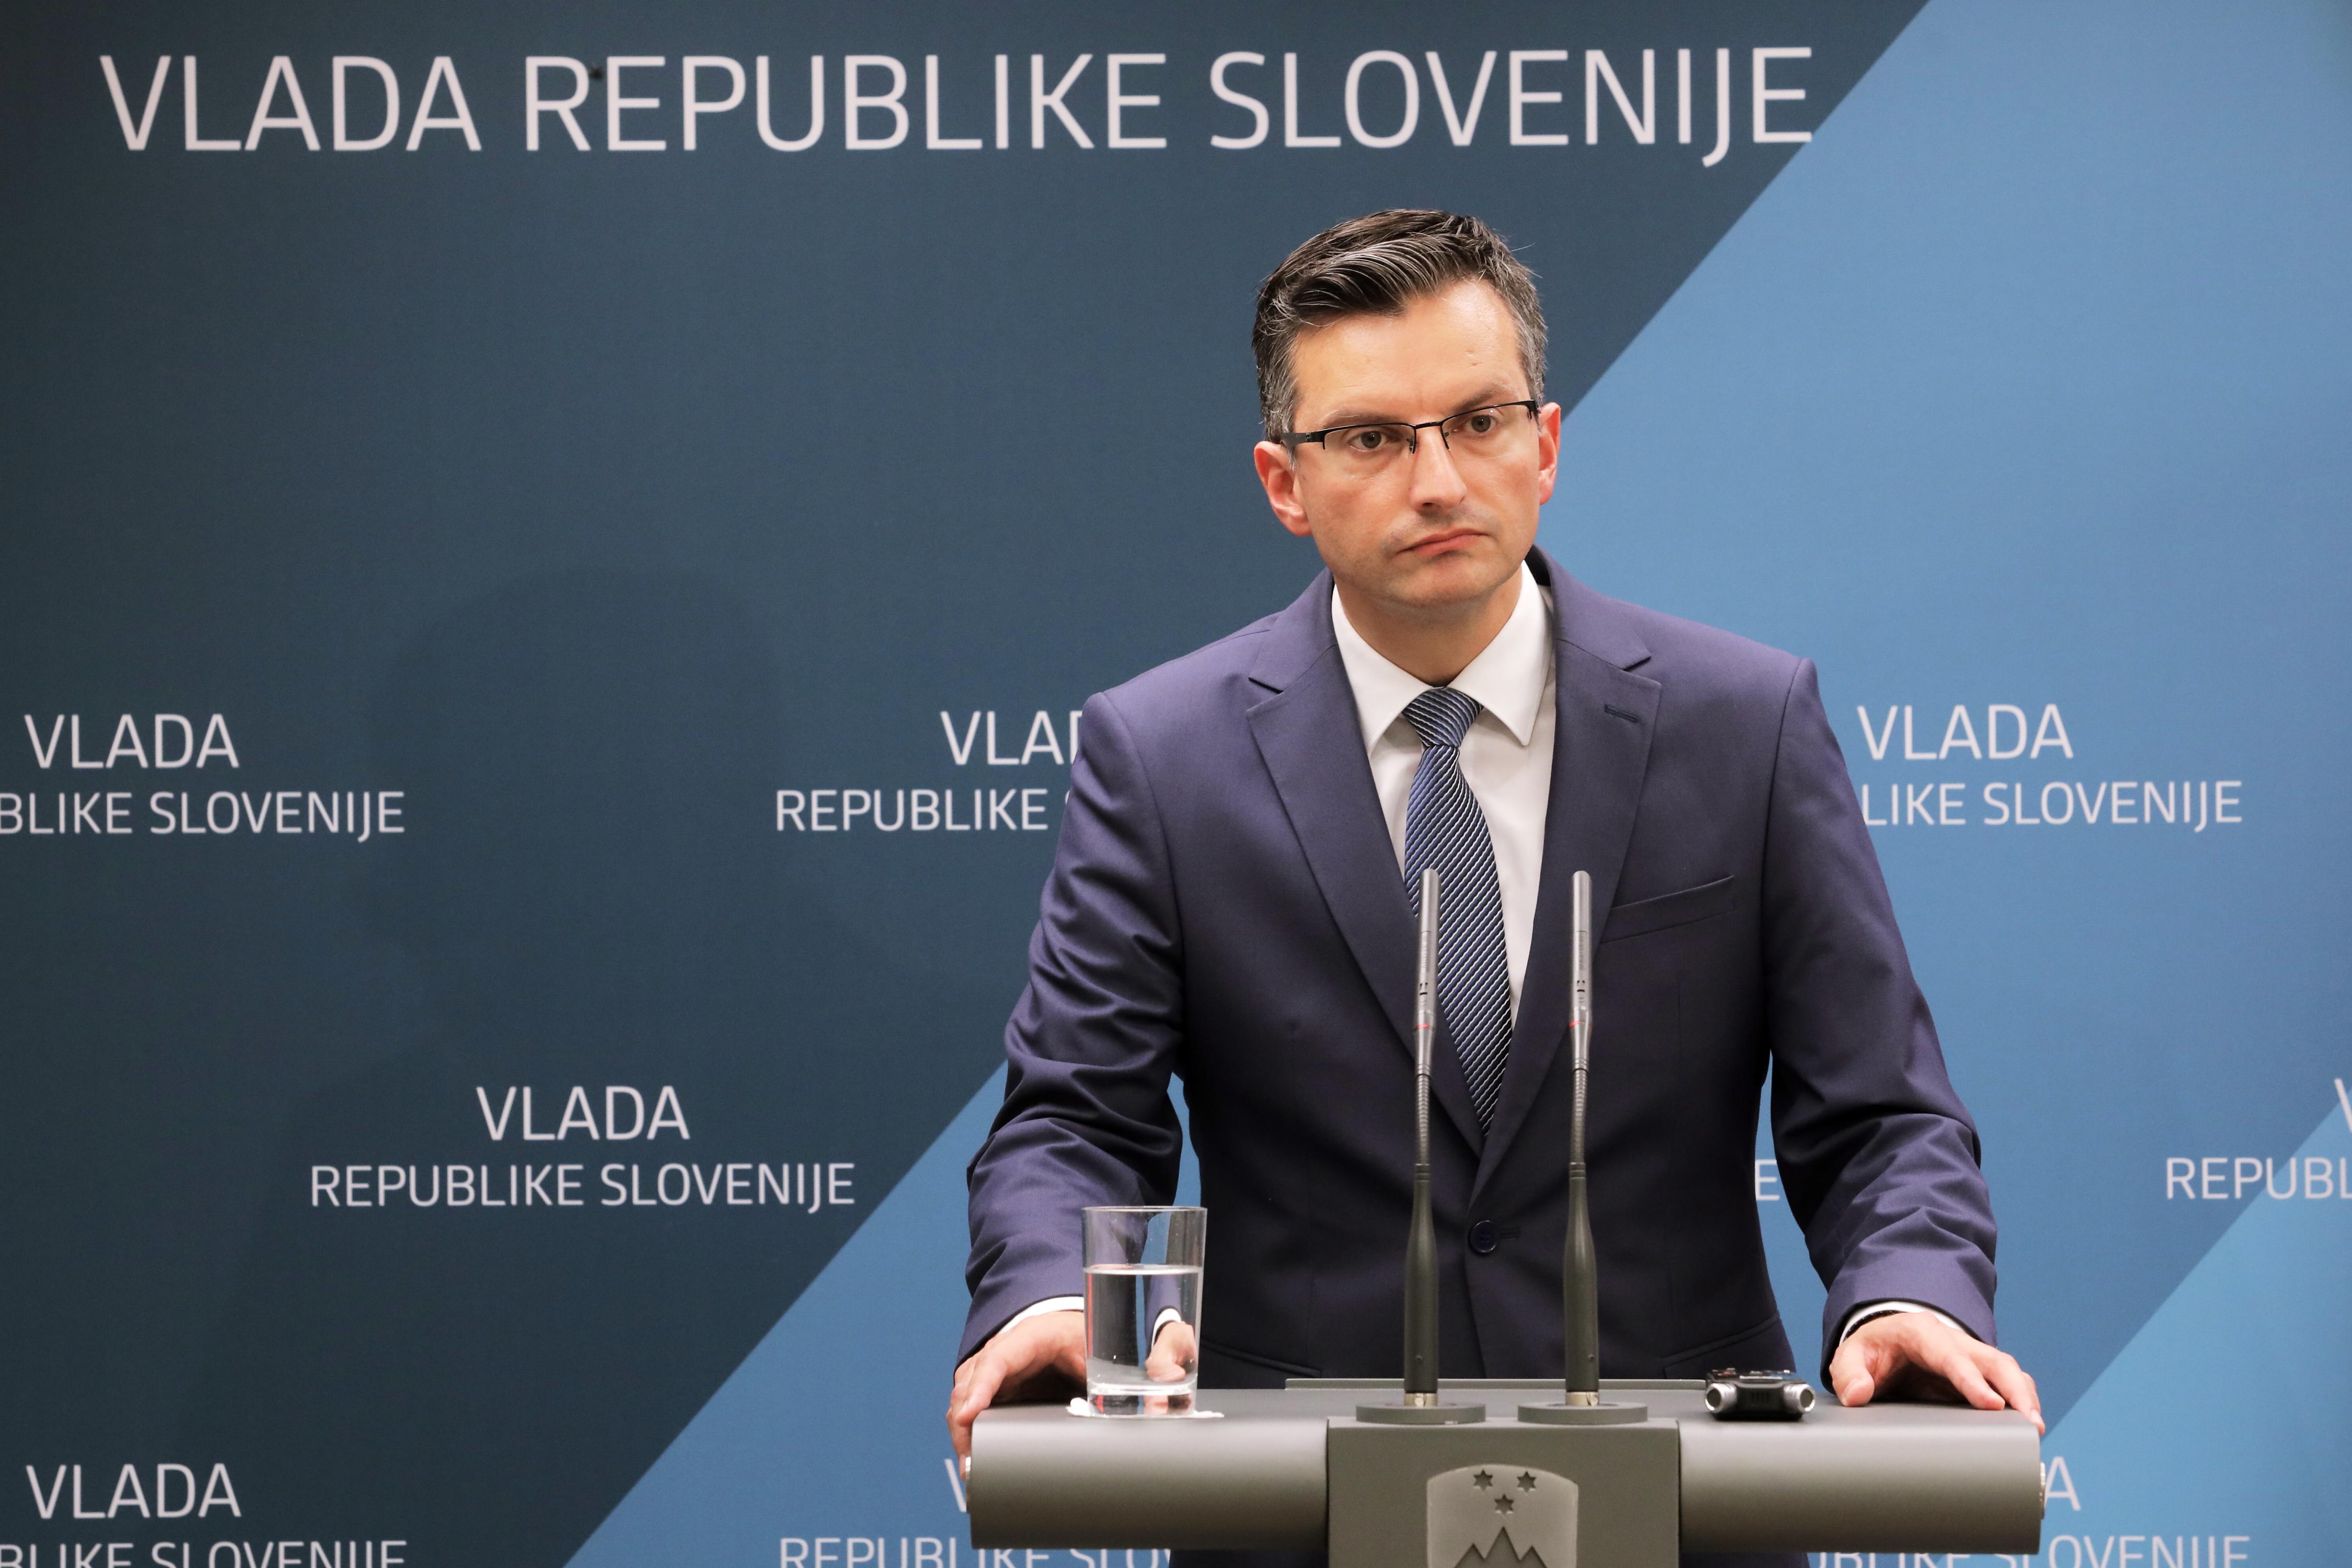 Marjan Šarec je opozoril državna podjetja, če bodo še naprej oglaševale v alternativnih medijih. (Foto: STA)